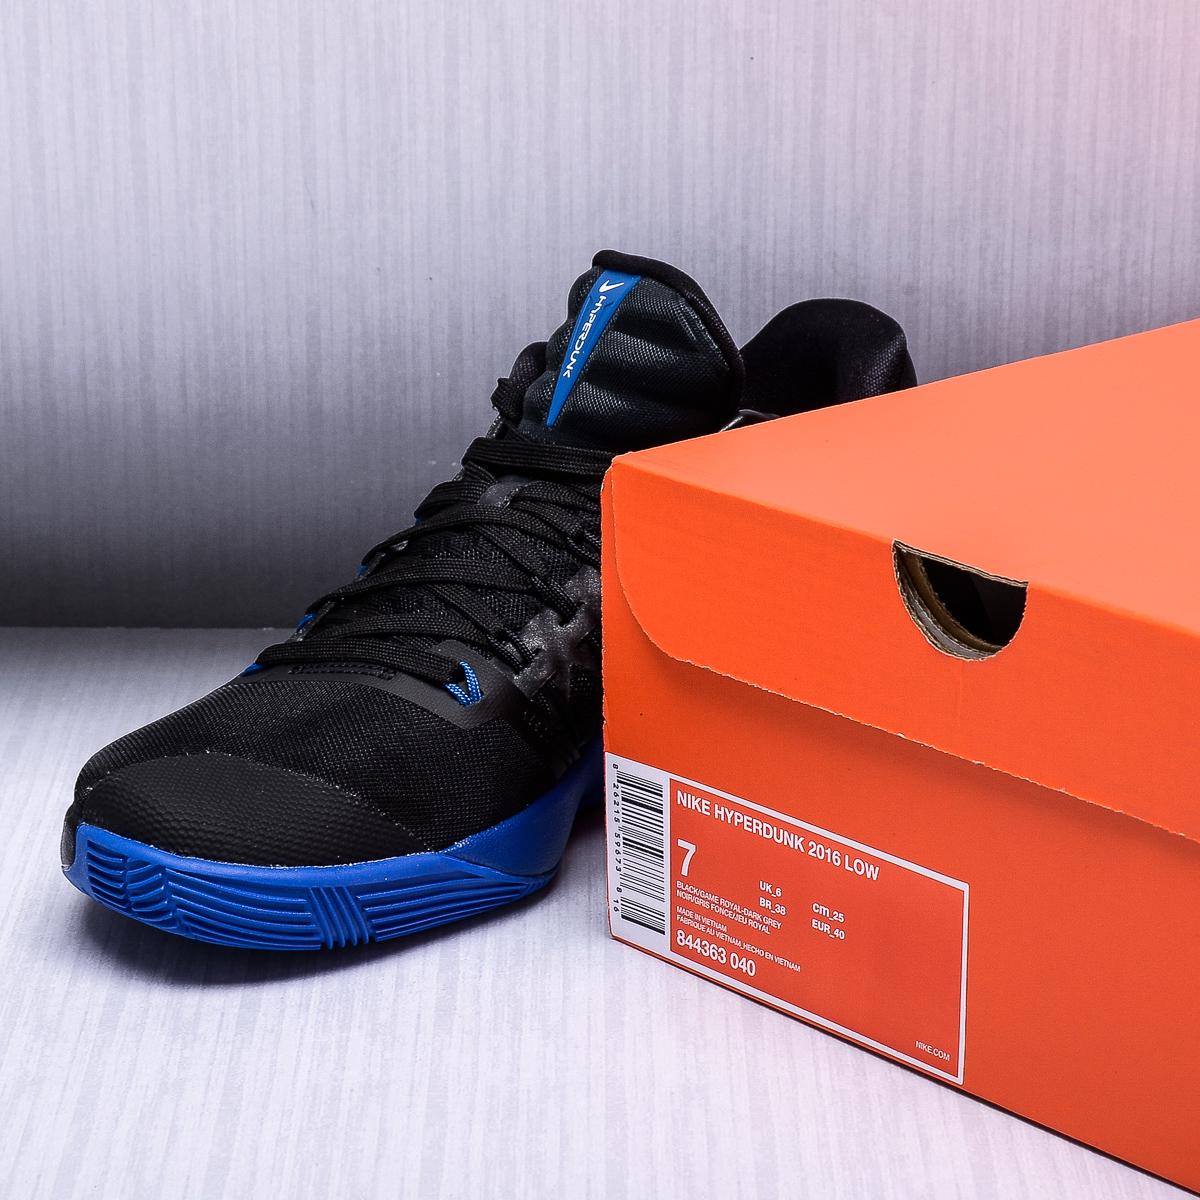 wholesale dealer 9718a 0d6eb 603ba 439da 492f1 4a9f0  czech nike hyperdunk 2016 low basketball shoes nike  hyperdunk low hvit grønn billig hyperdunk 2016 flyknit